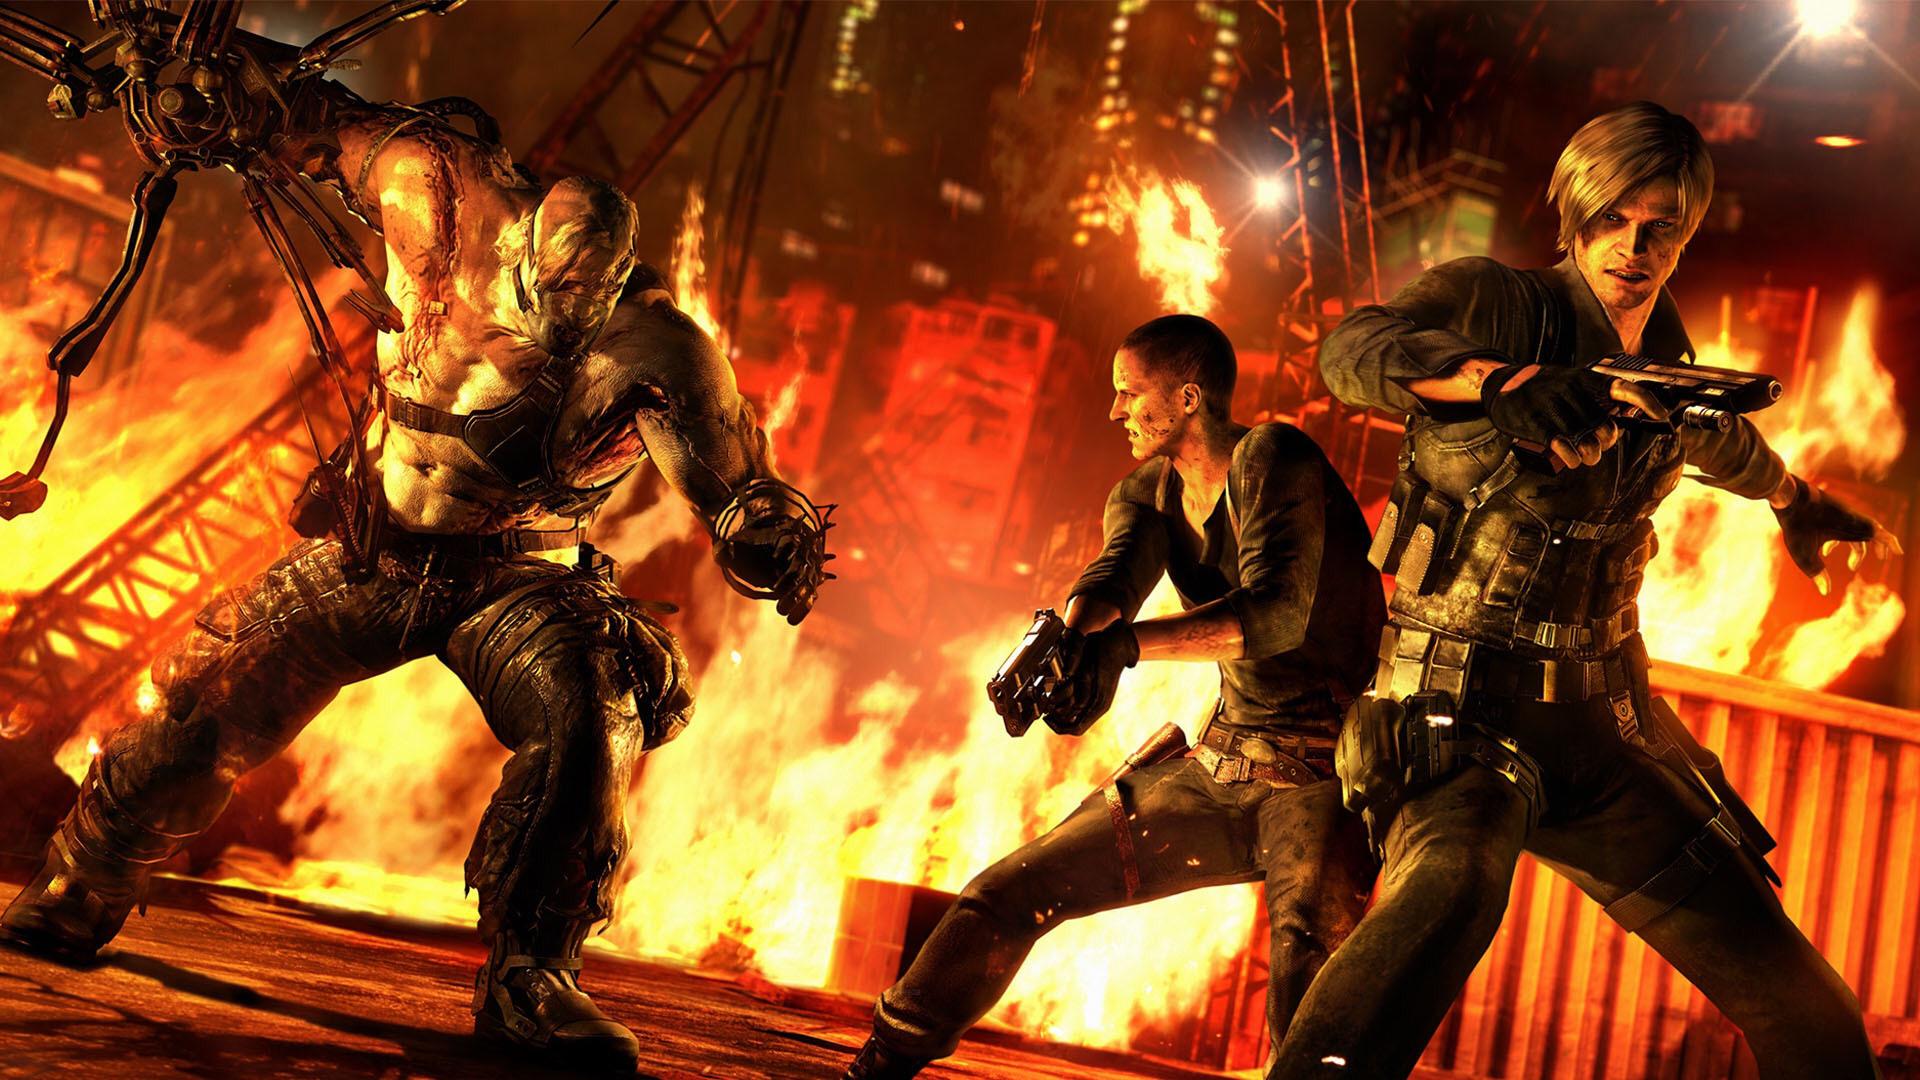 Resident-Evil-Battleground-wallpaper-wp48010084